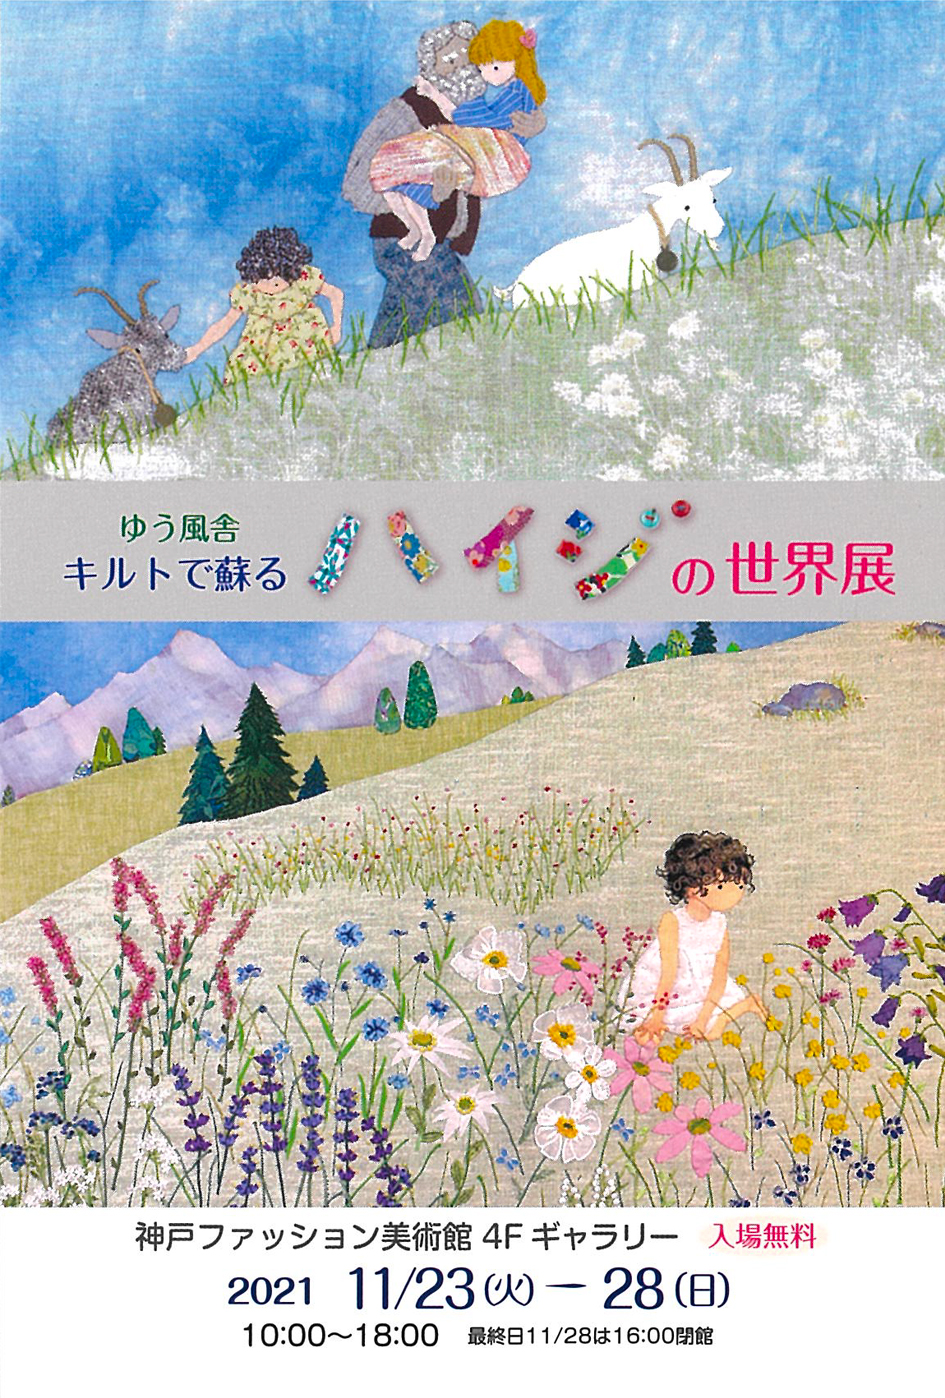 【ギャラリー情報】11/23(火・祝)~ 28(日) 「ゆう風舎 キルトで蘇るハイジの世界展」開催!